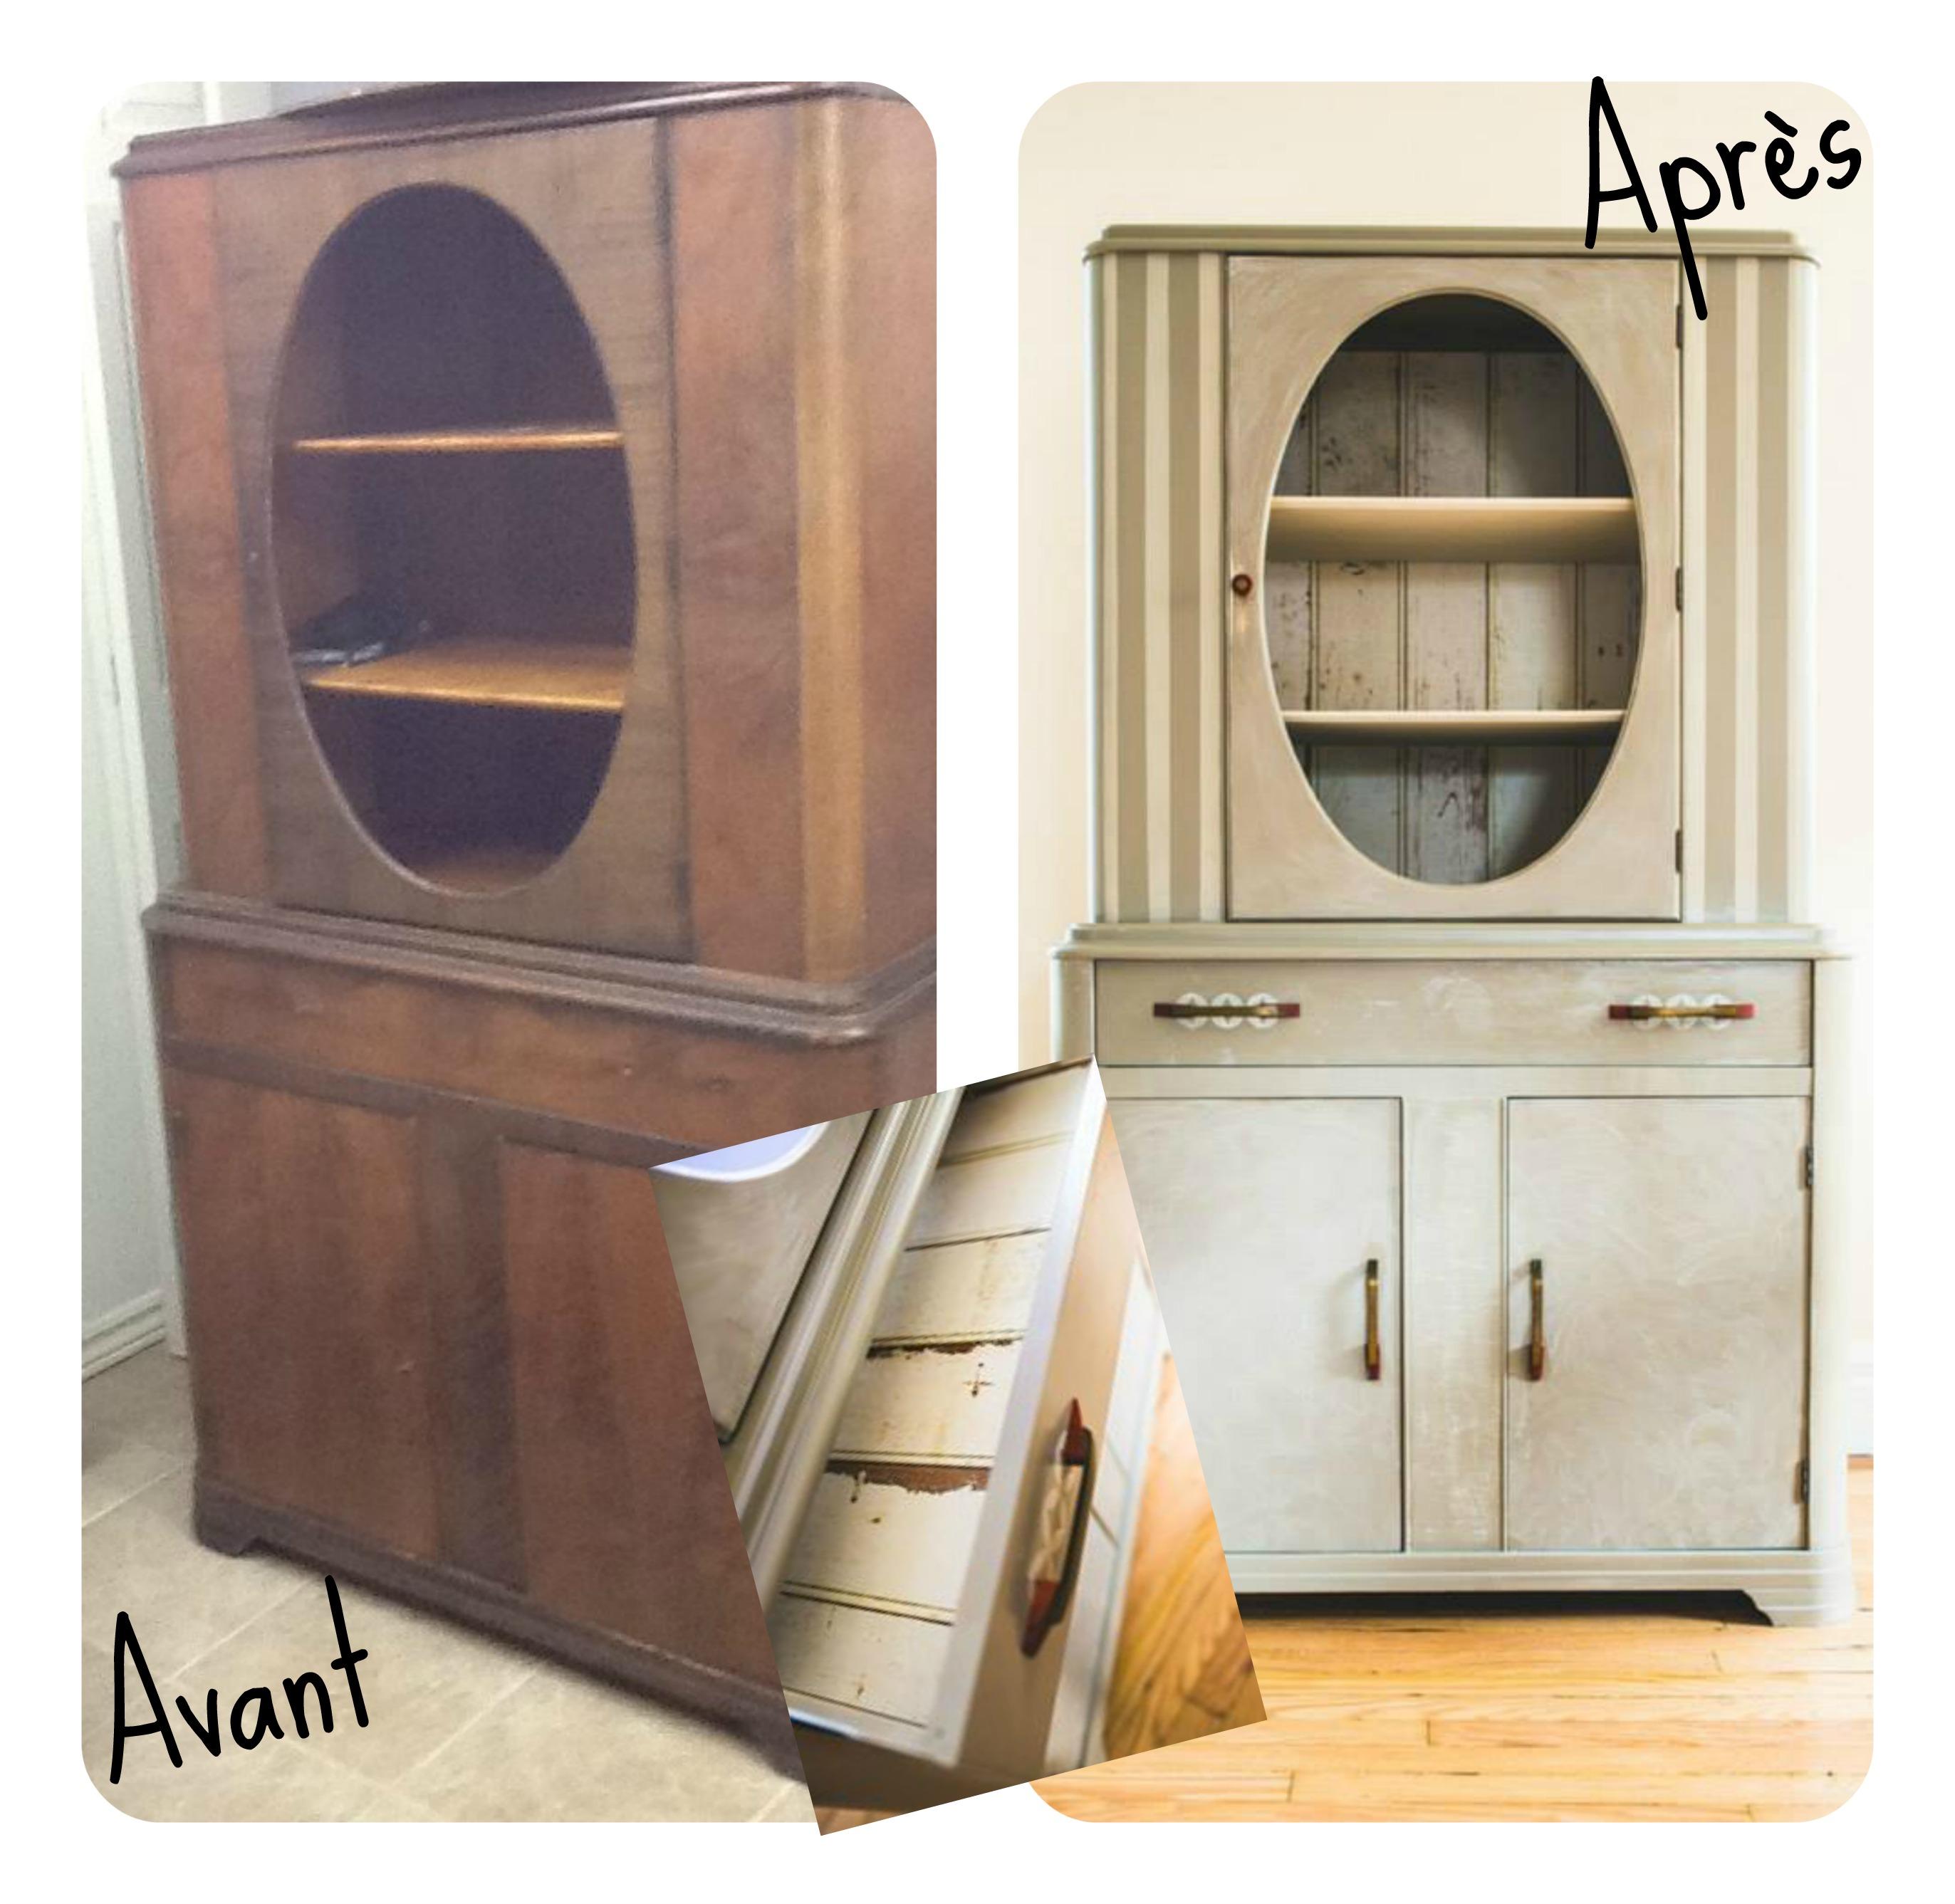 Comment peindre un meuble blogue cr ations aube design for Lasurer un meuble en bois